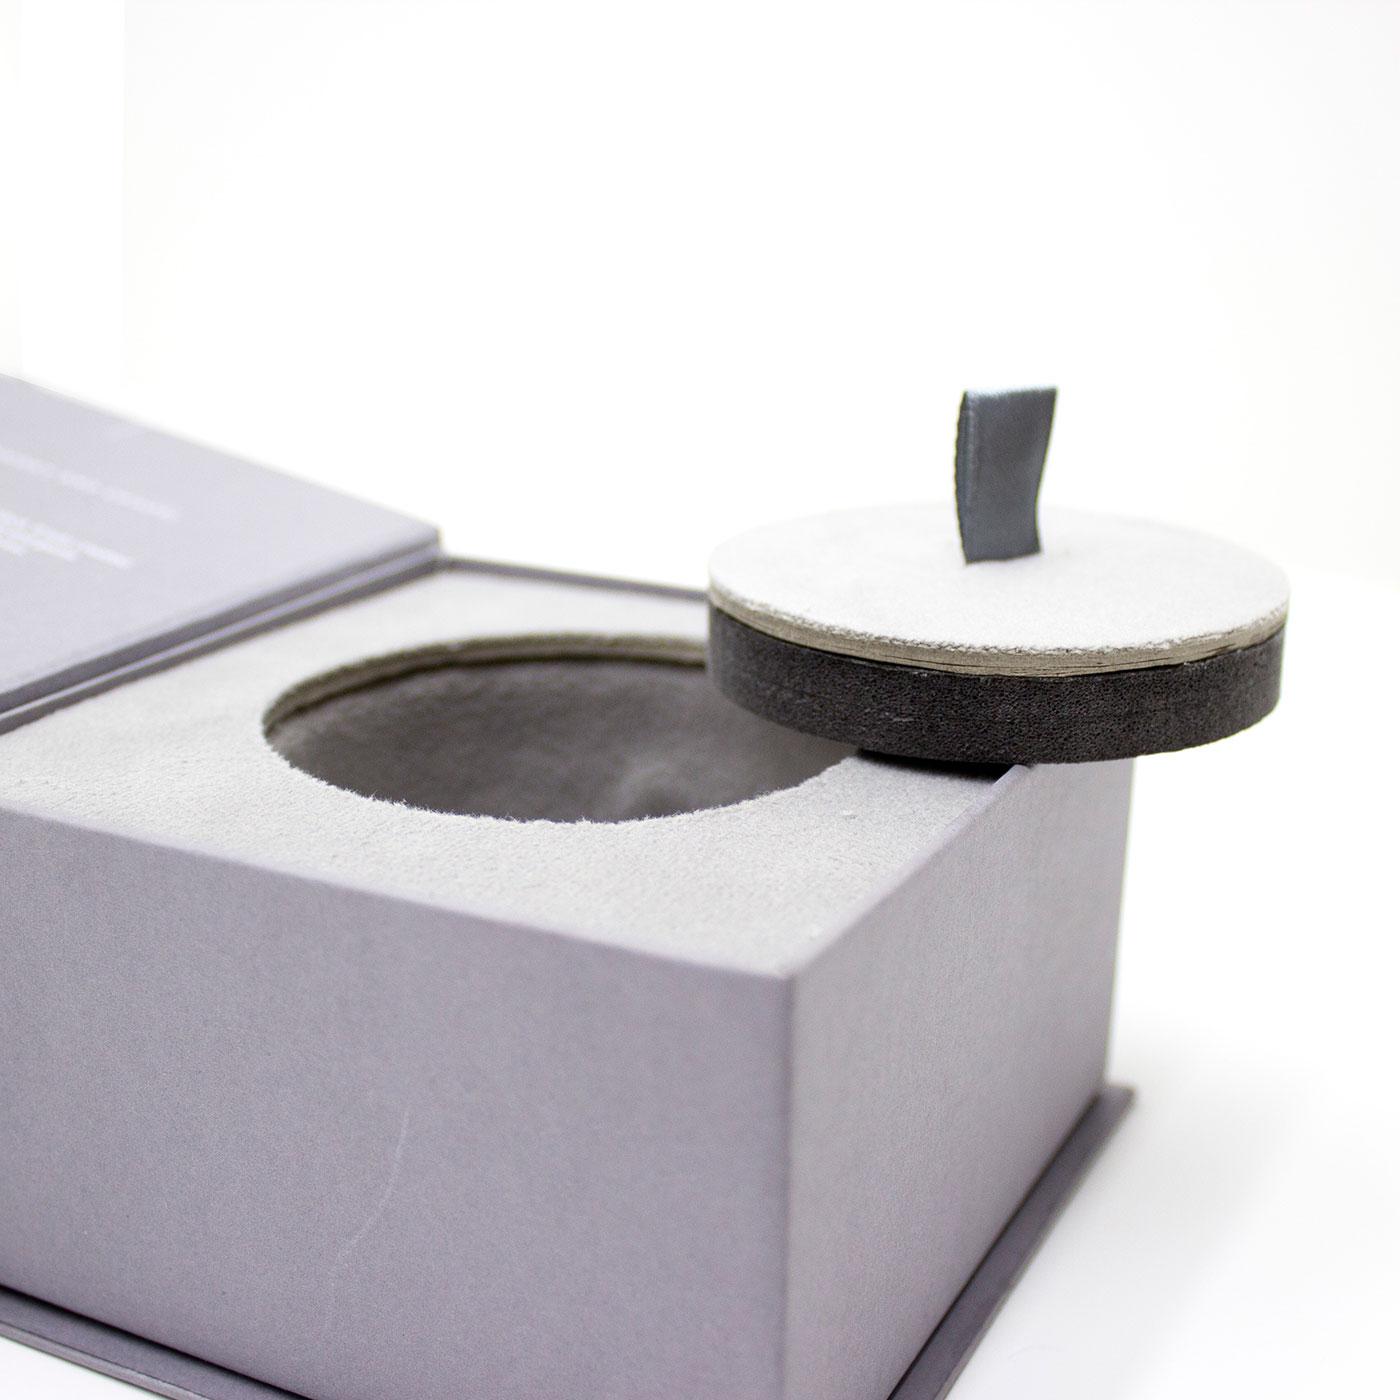 Ювелирная коробочка для кольца